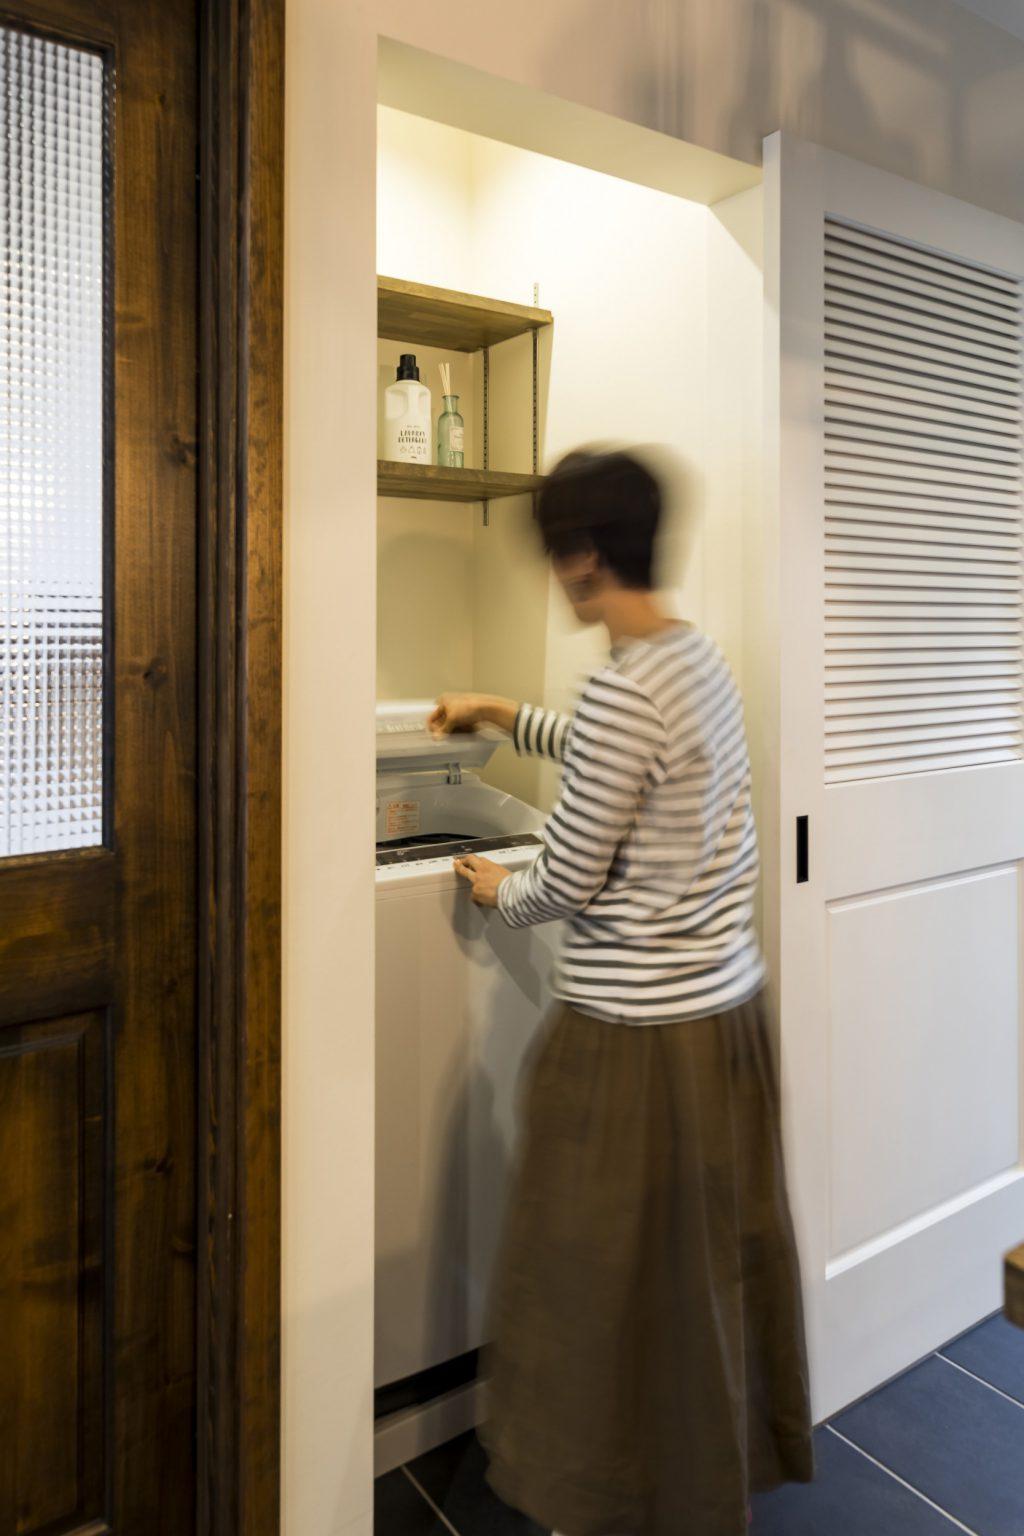 岐阜市H様邸のリノベーション事例のキッチン横の洗濯機